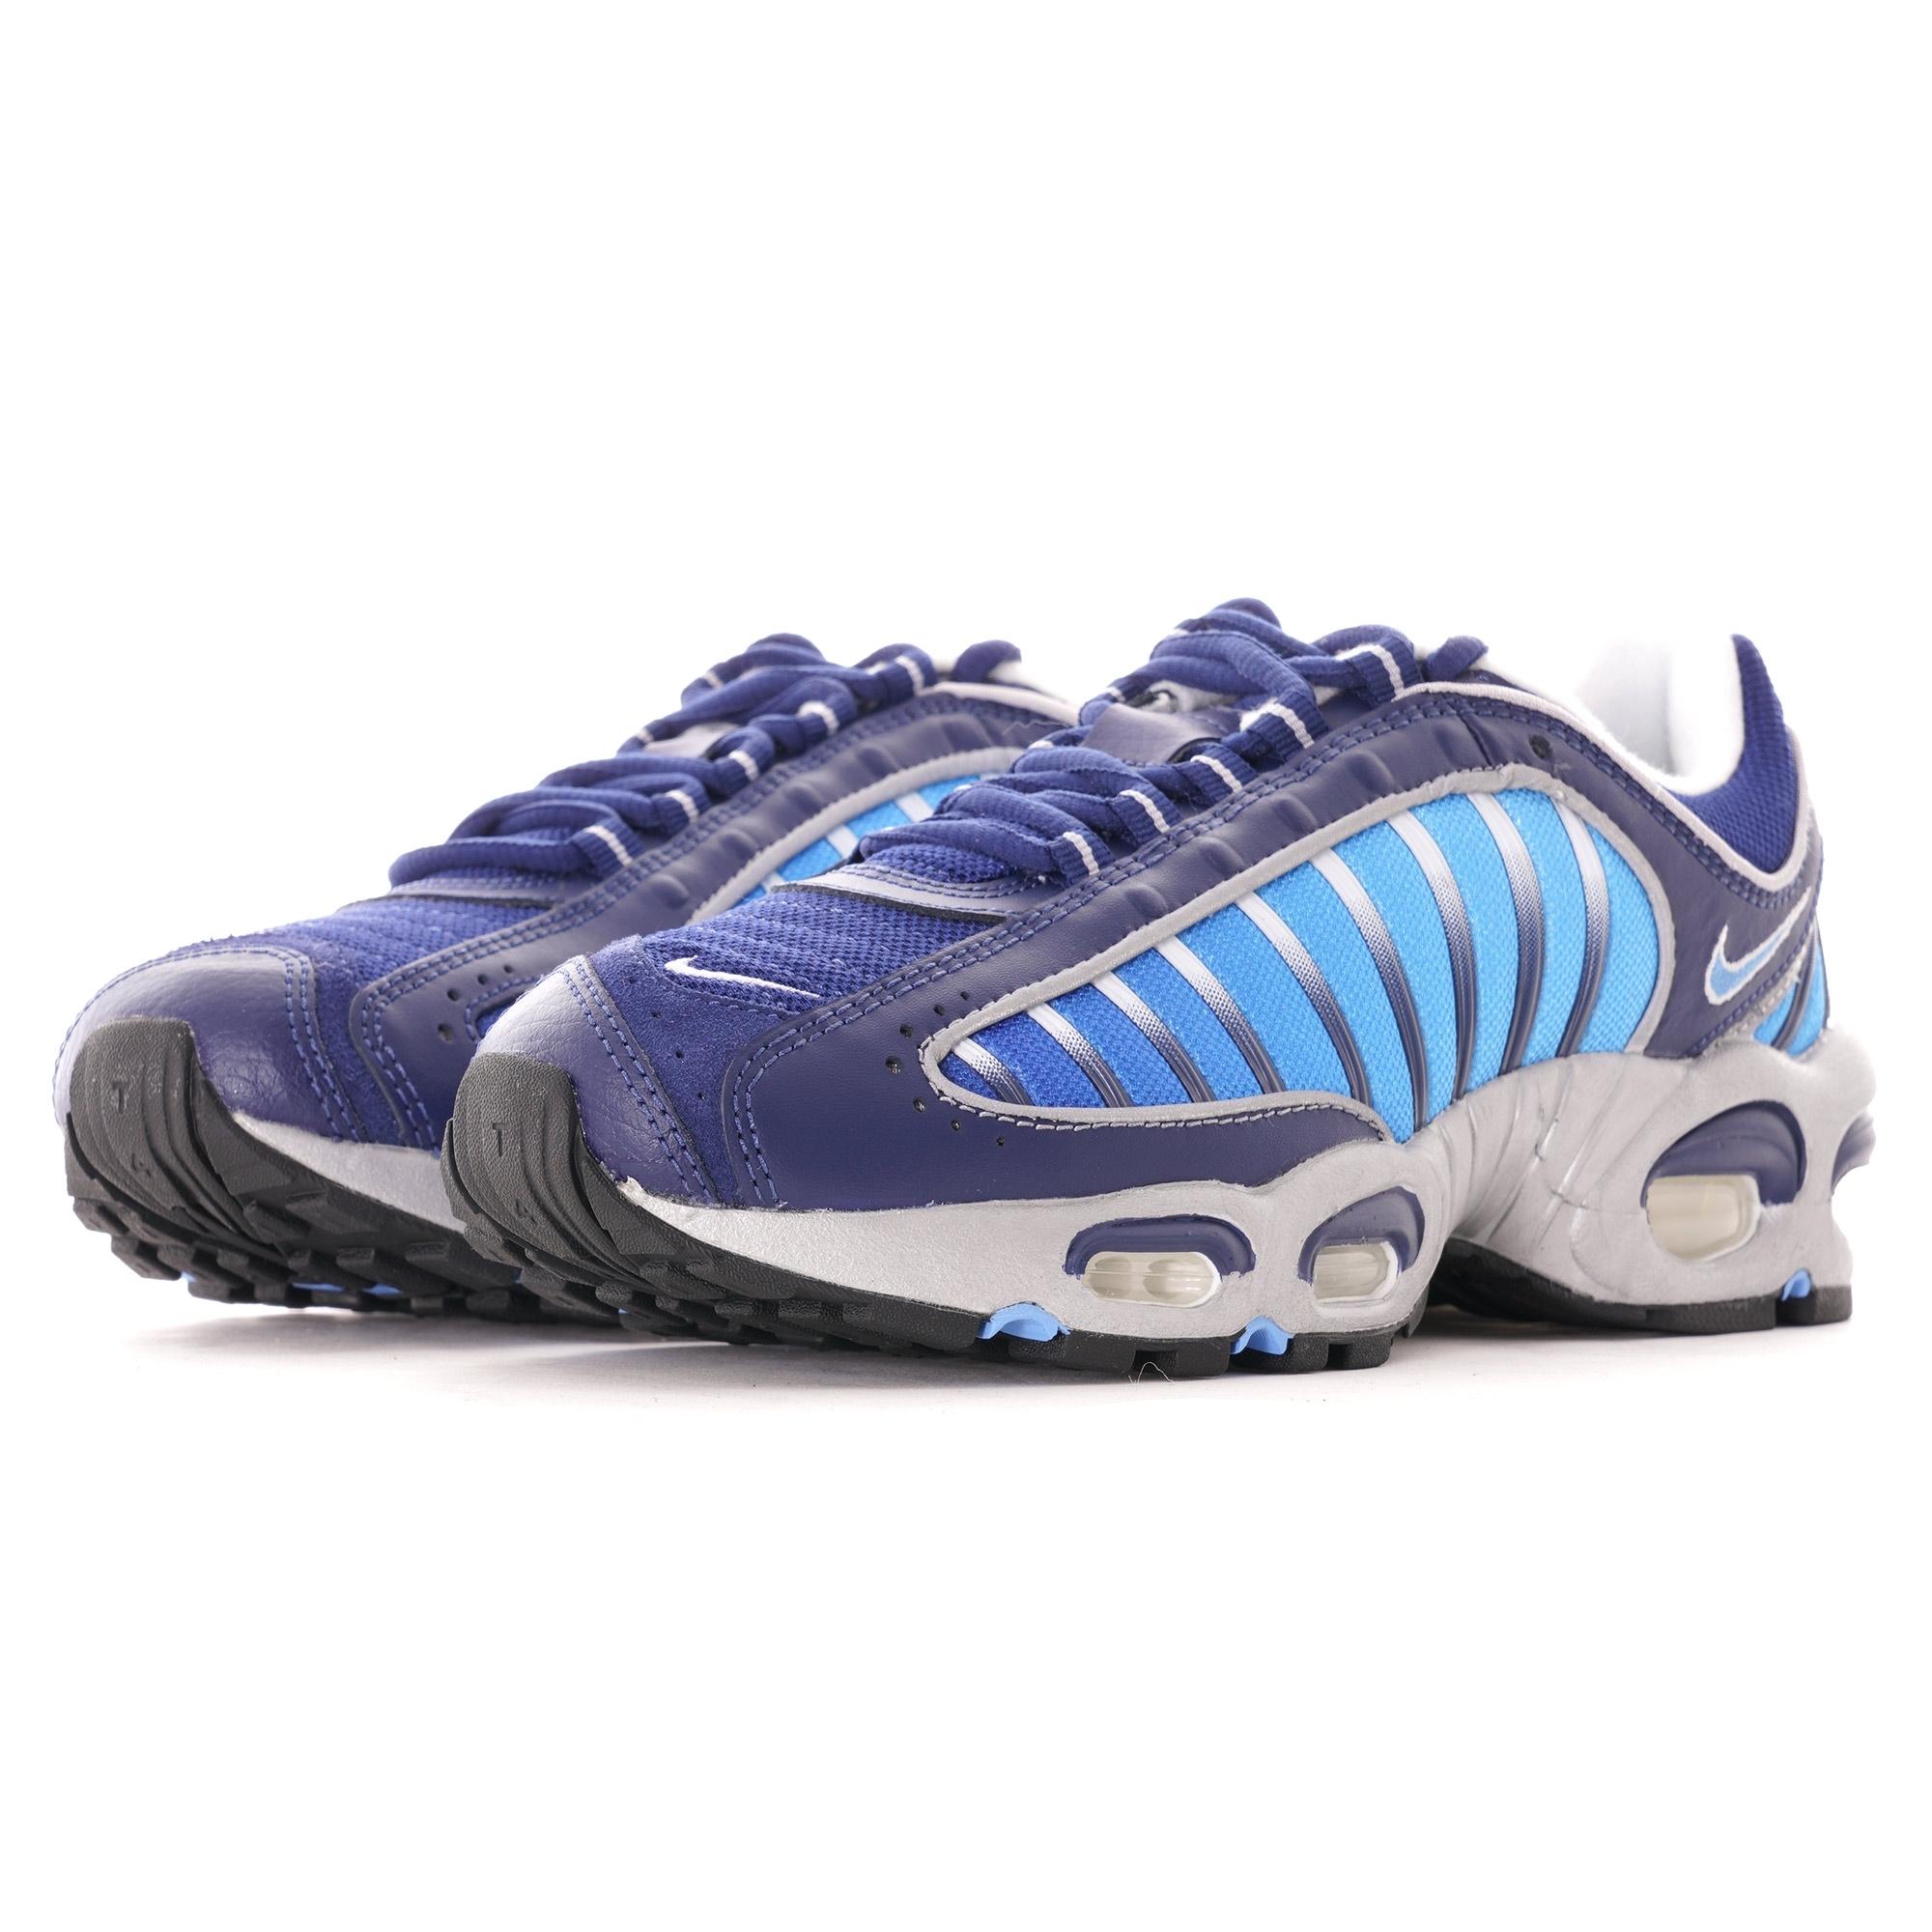 Nike Air Max Tailwind IV |Blue Silver